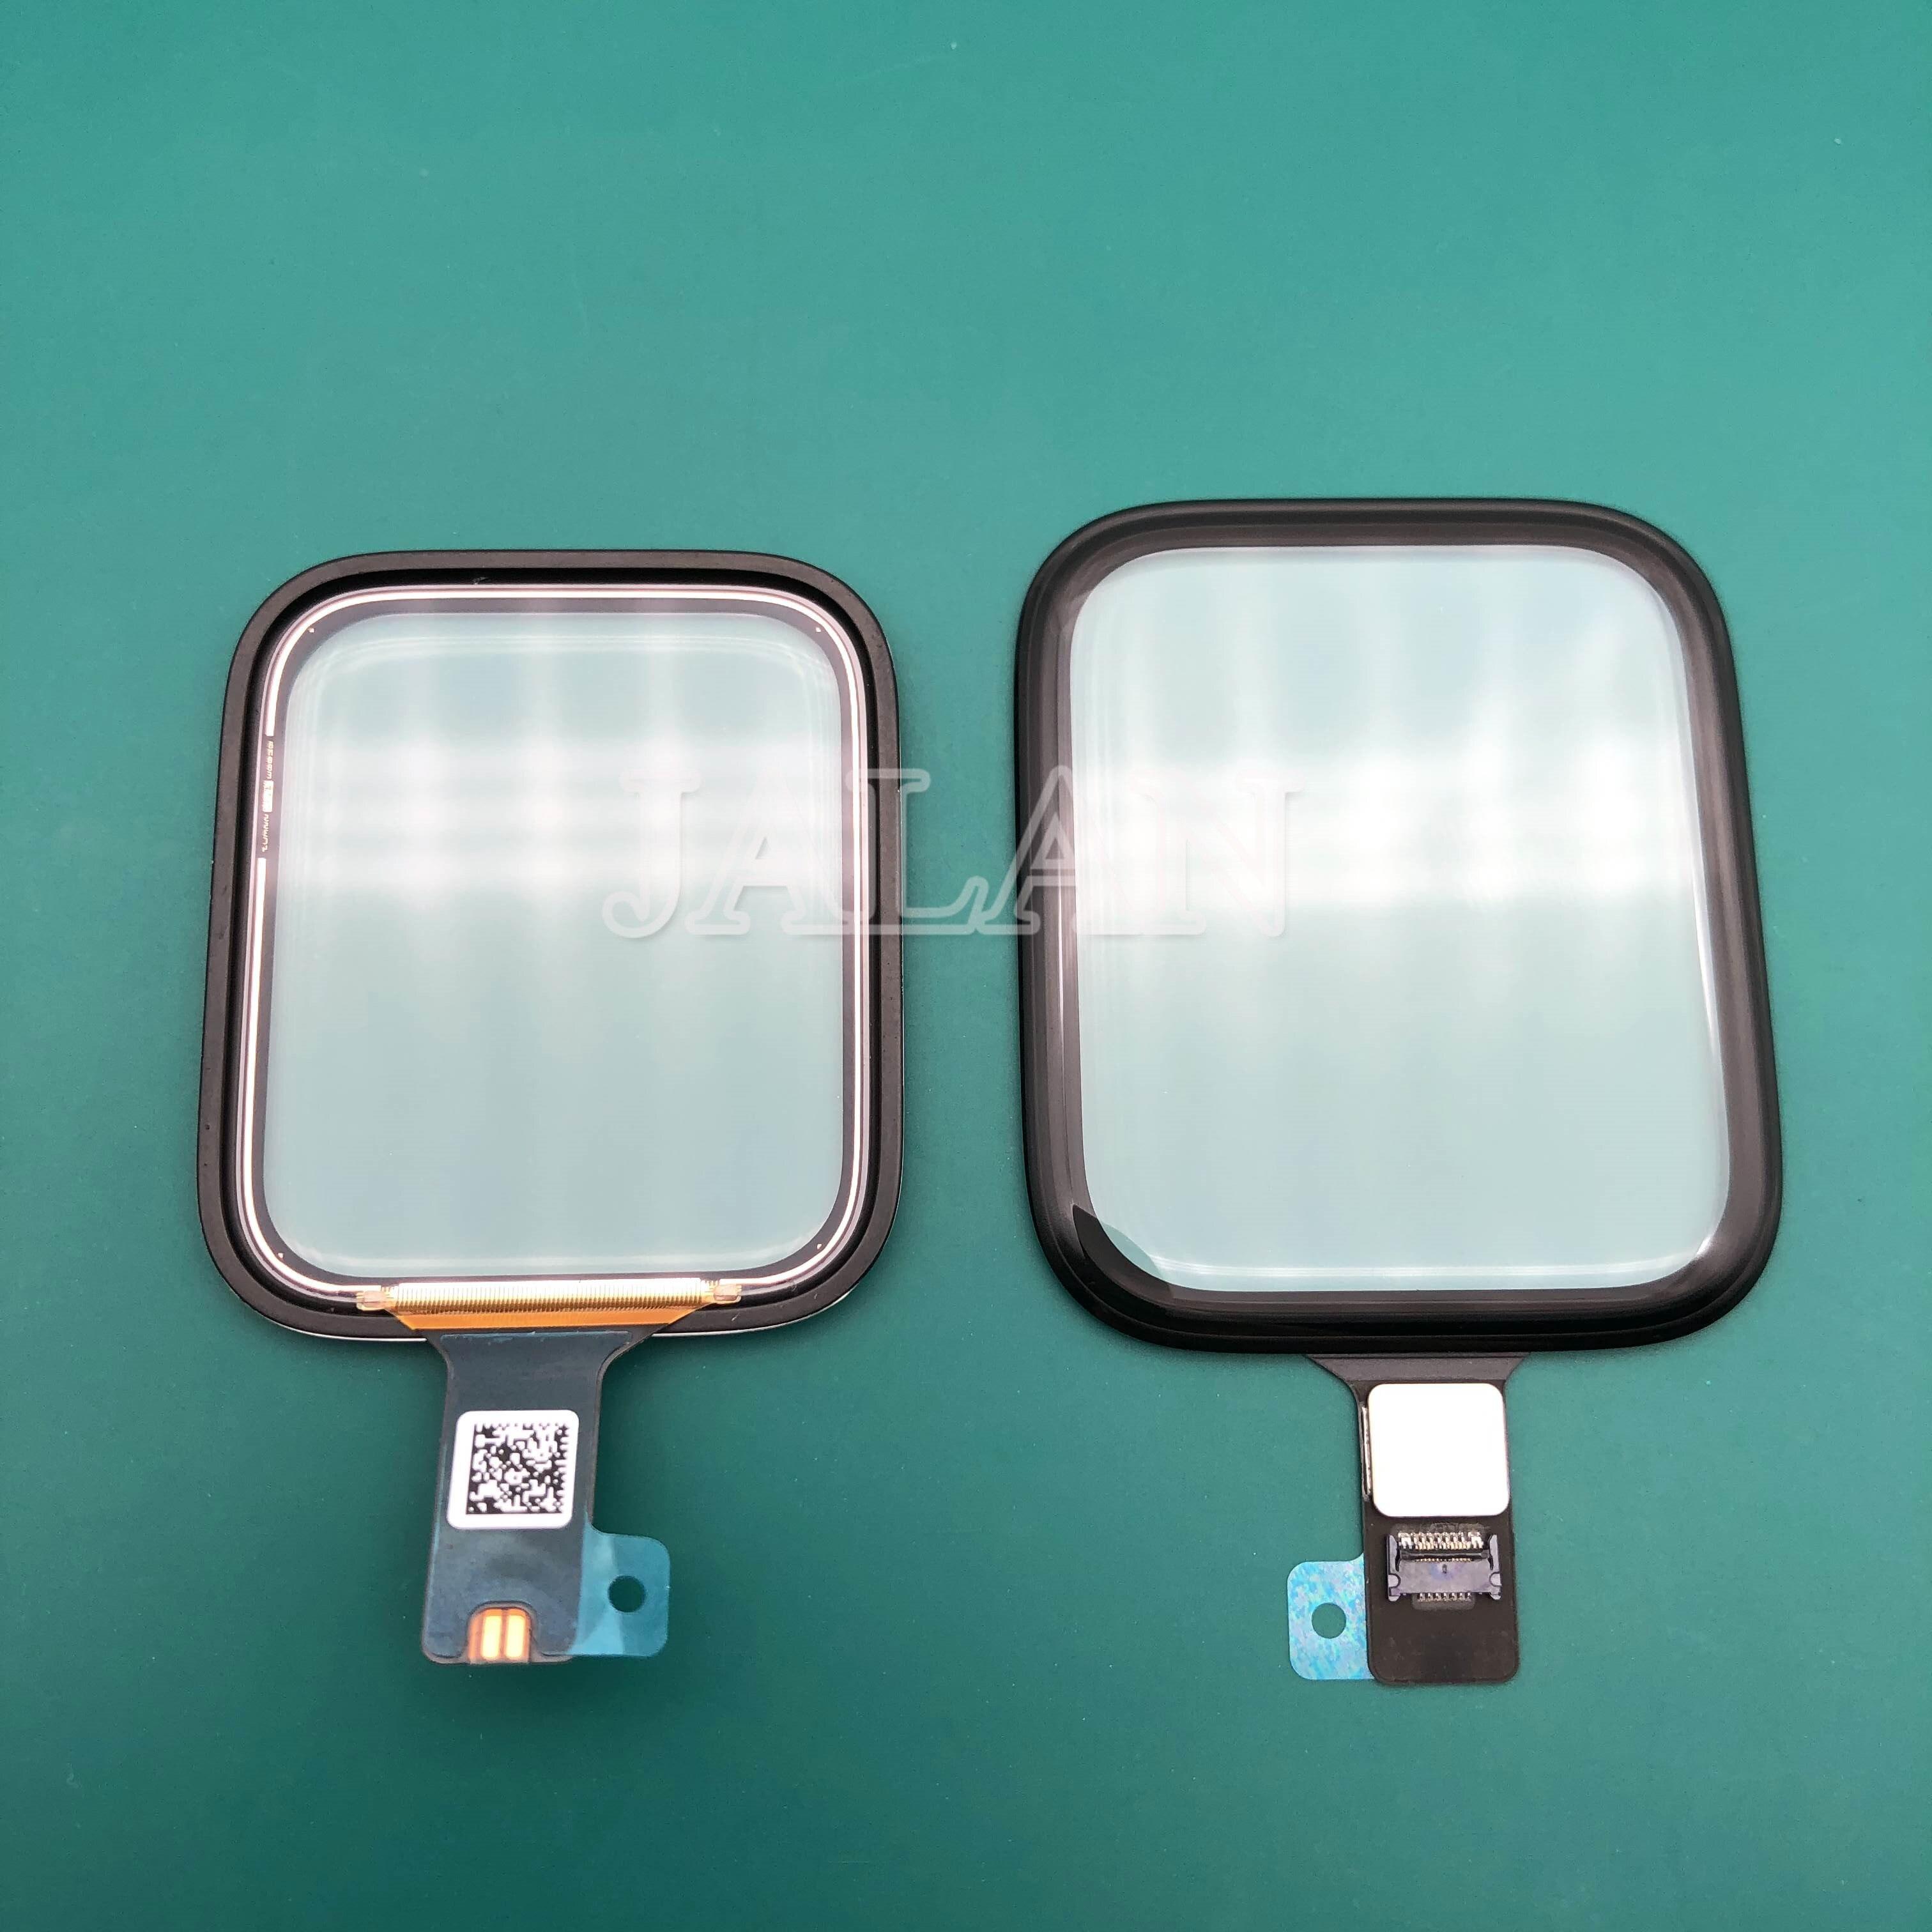 JALAN Nieuwe touch screen voor Horloge Serie 4 44mm 42mm horloge digitizer touchscreen outer glas lens vervanging reparatie-in Mobiele Telefoon Touch Paneel van Mobiele telefoons & telecommunicatie op AliExpress - 11.11_Dubbel 11Vrijgezellendag 1